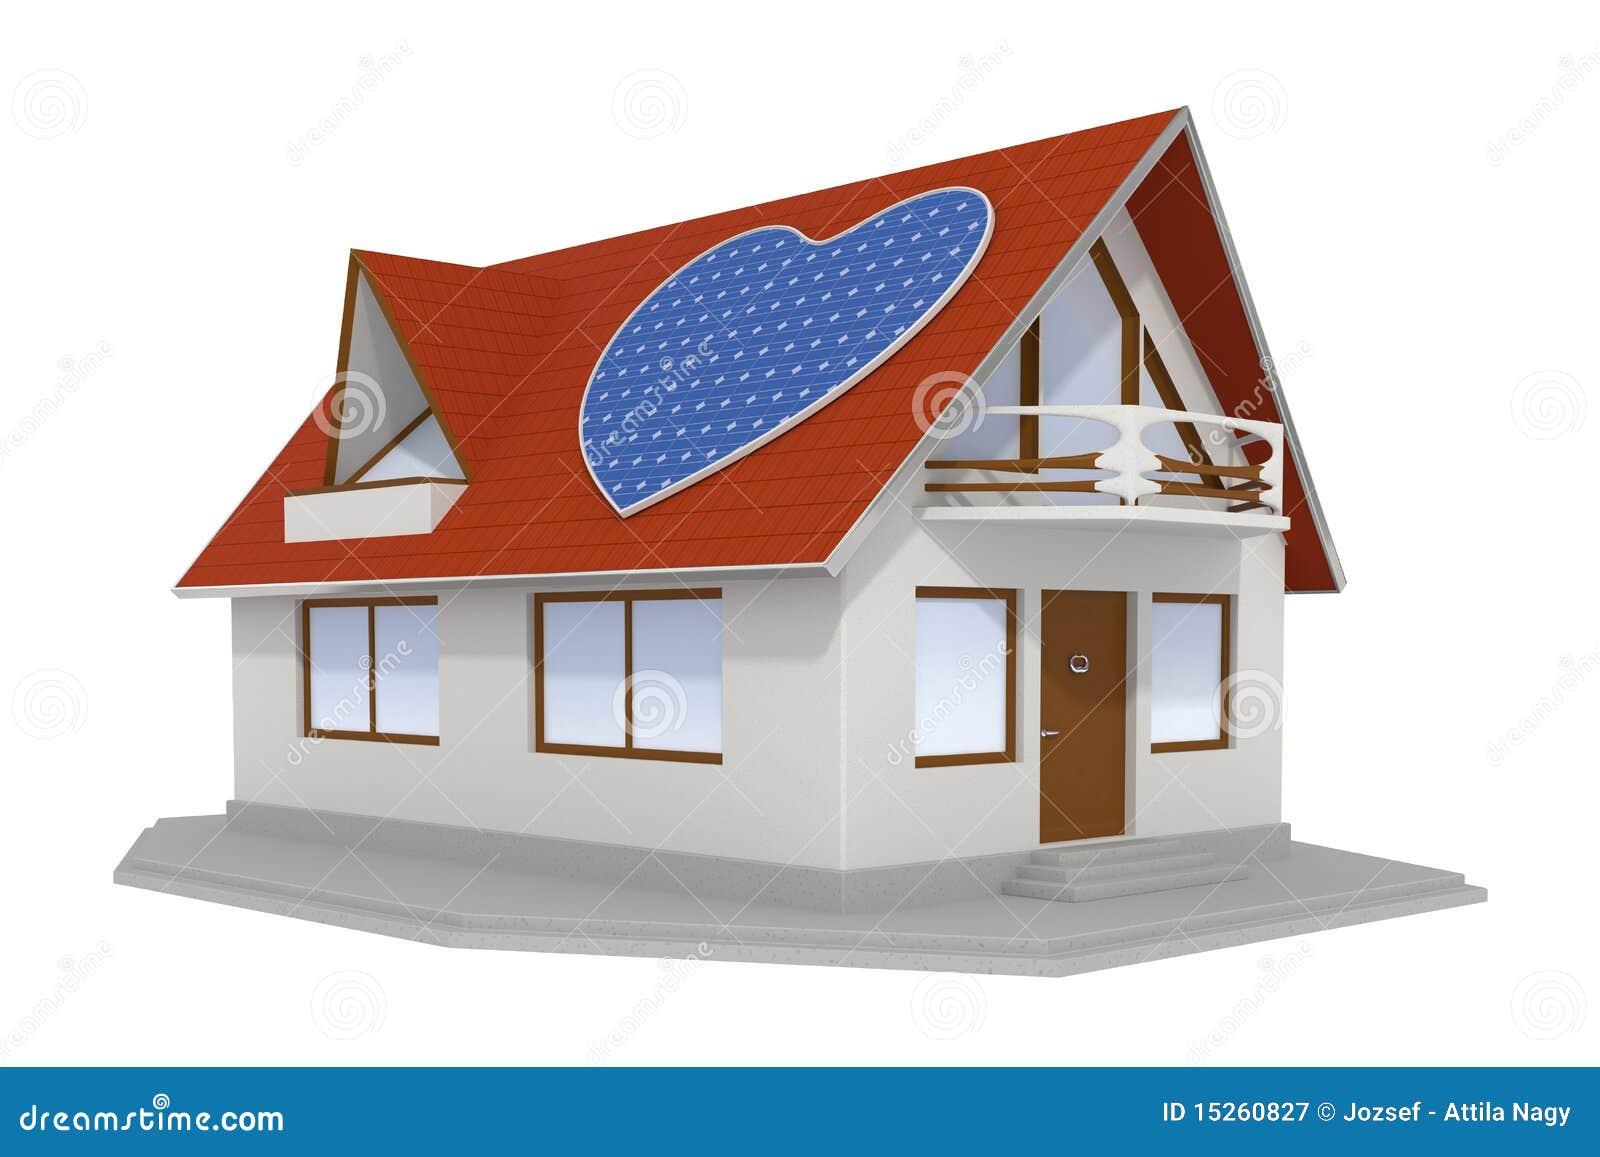 panneau solaire maison modifier au sujet des panneaux solaires article tesla propose. Black Bedroom Furniture Sets. Home Design Ideas